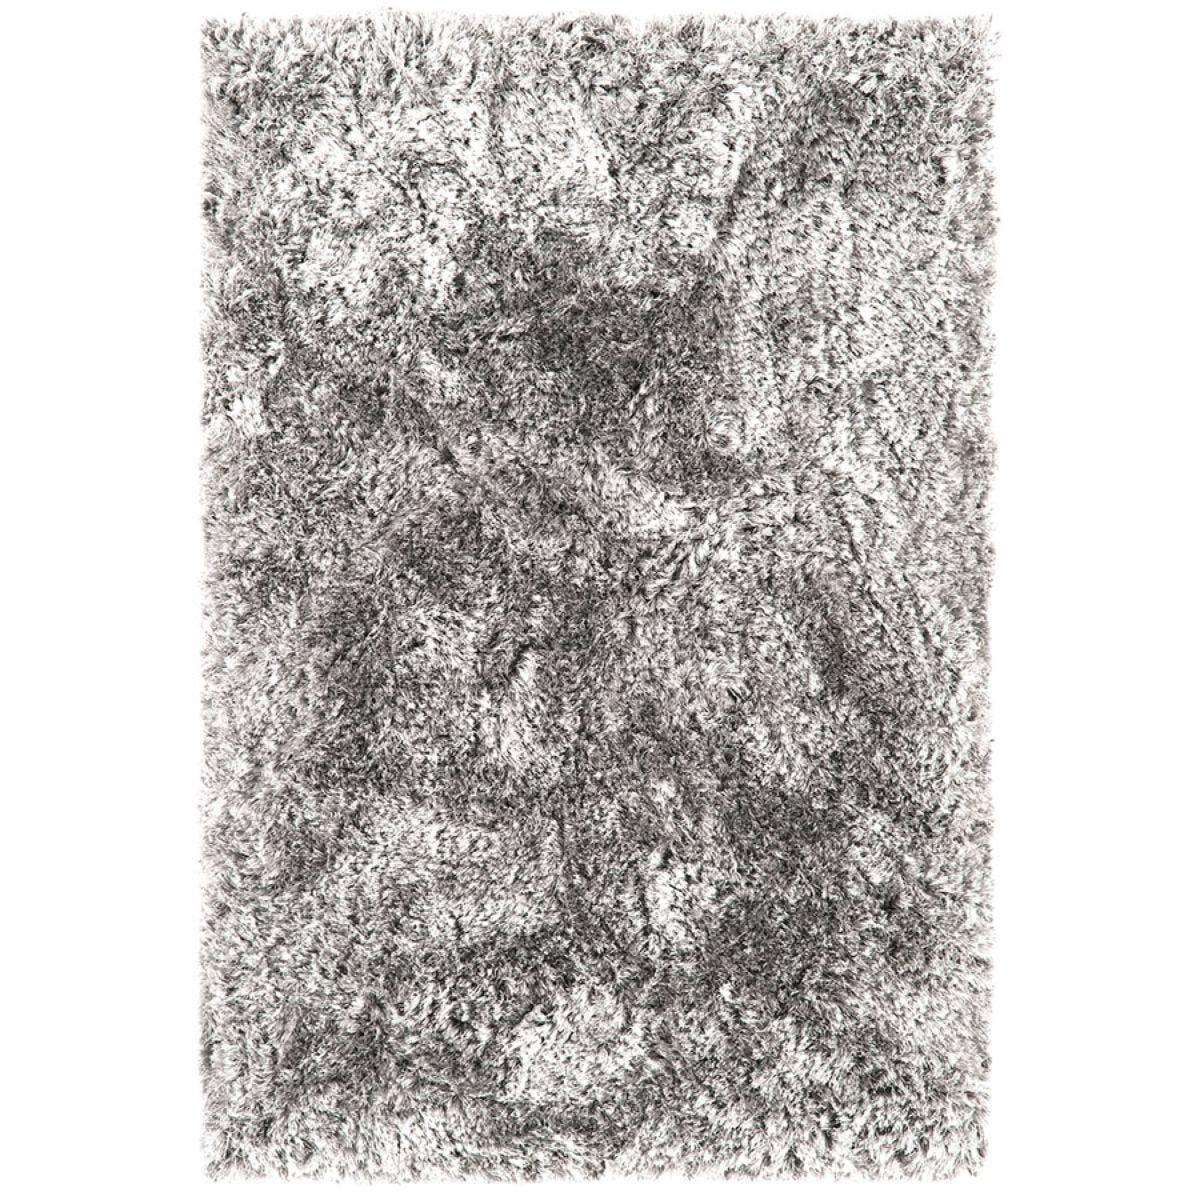 Asiatic Plush Shaggy Rug, 200 x 300cm - Silver